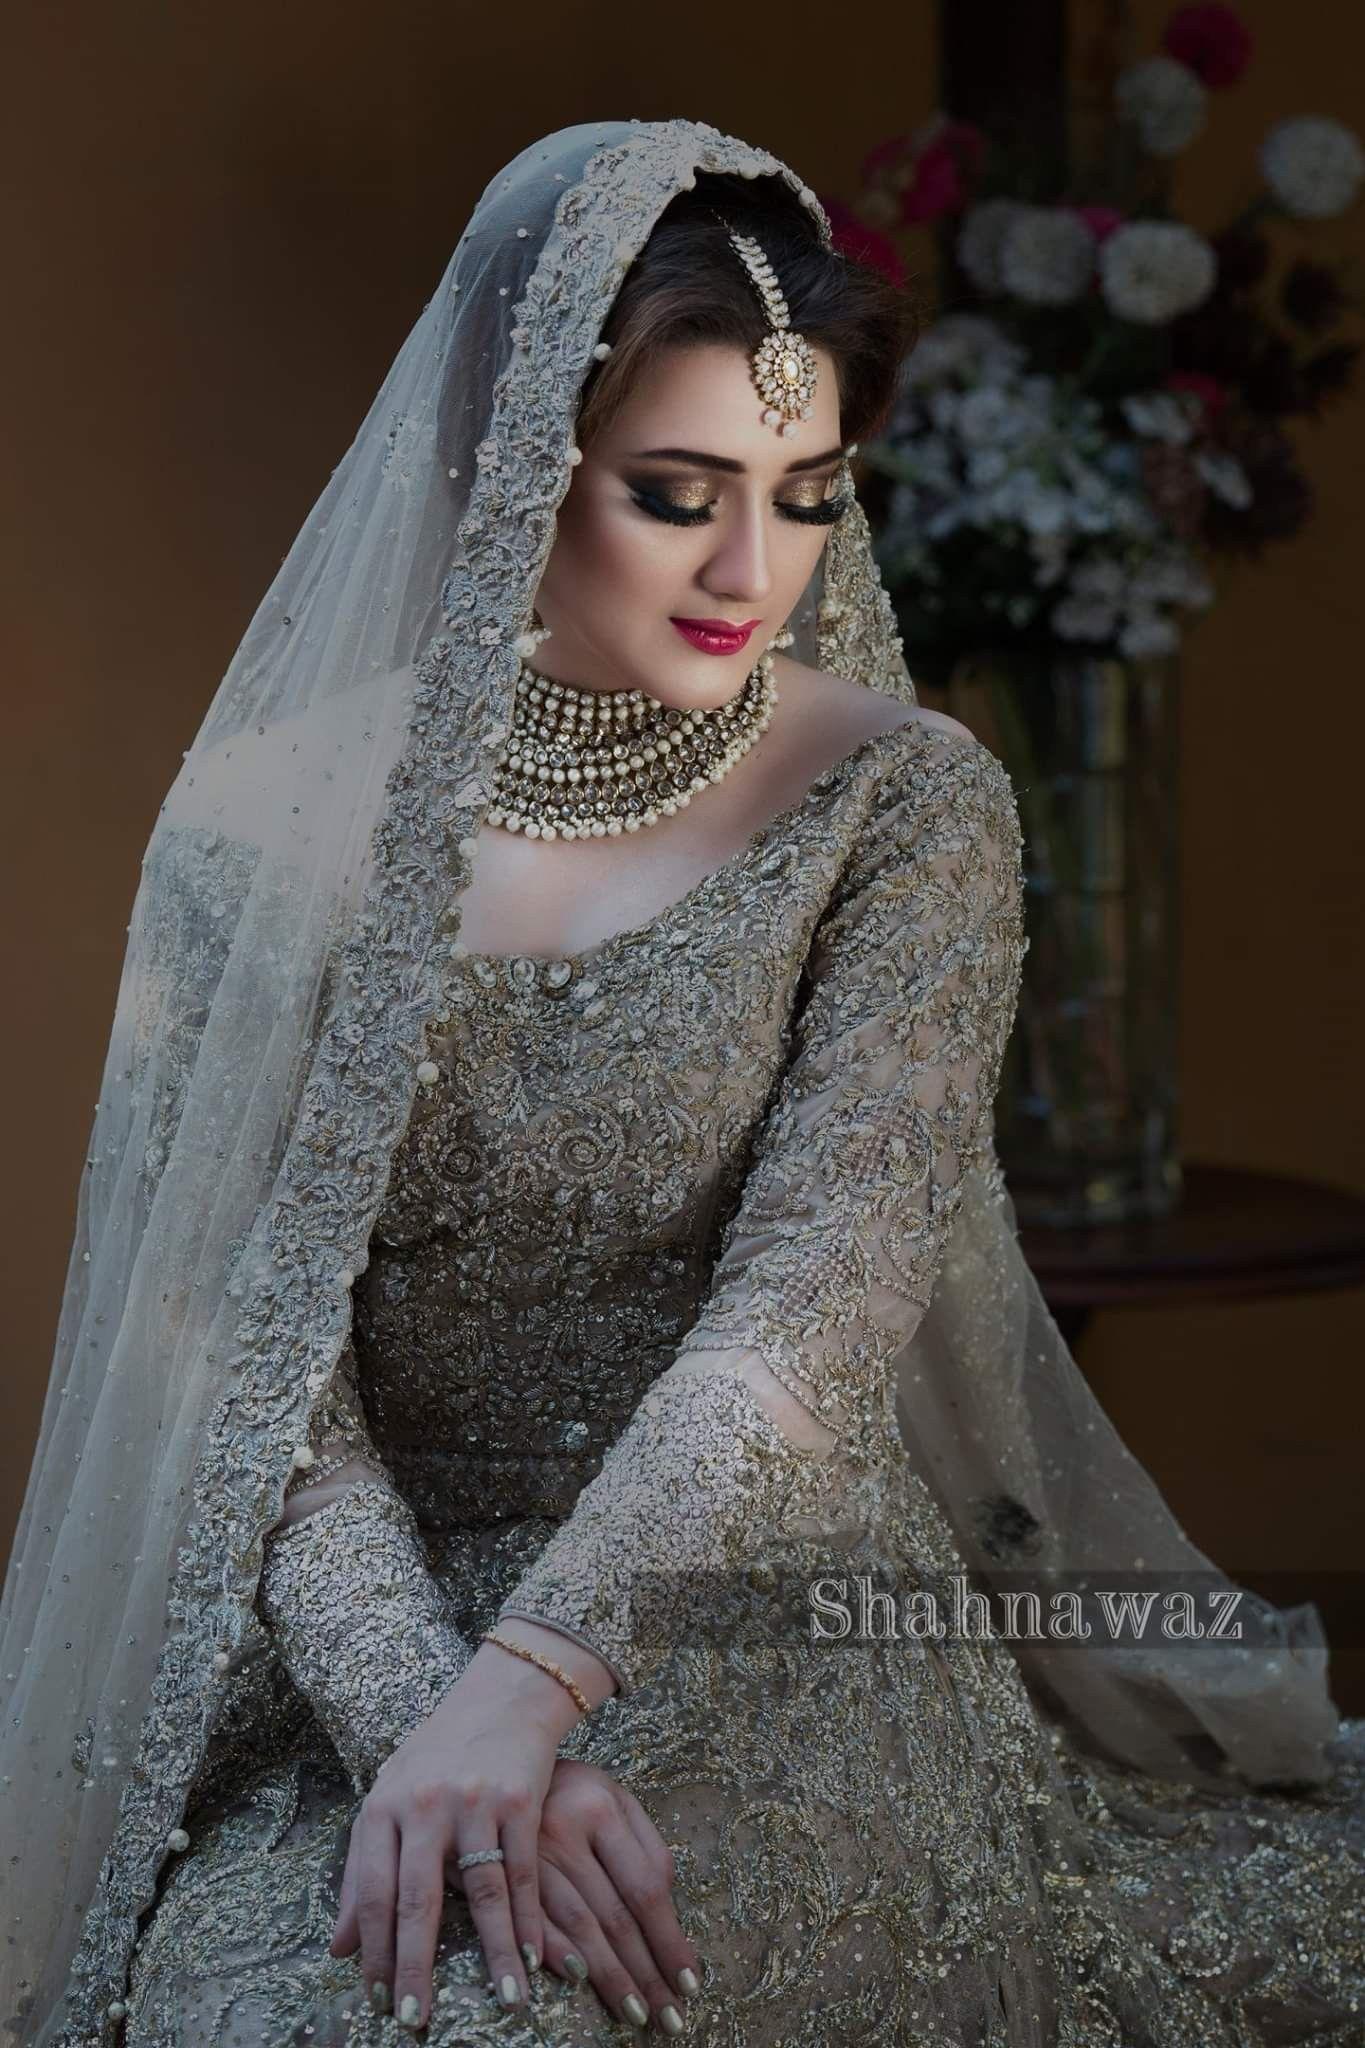 Find The Best Powerful Photos Muslim Wedding Dress Code On A Budget Dress Code Wedding Muslim Wedding Dresses Bridal Dress Fashion